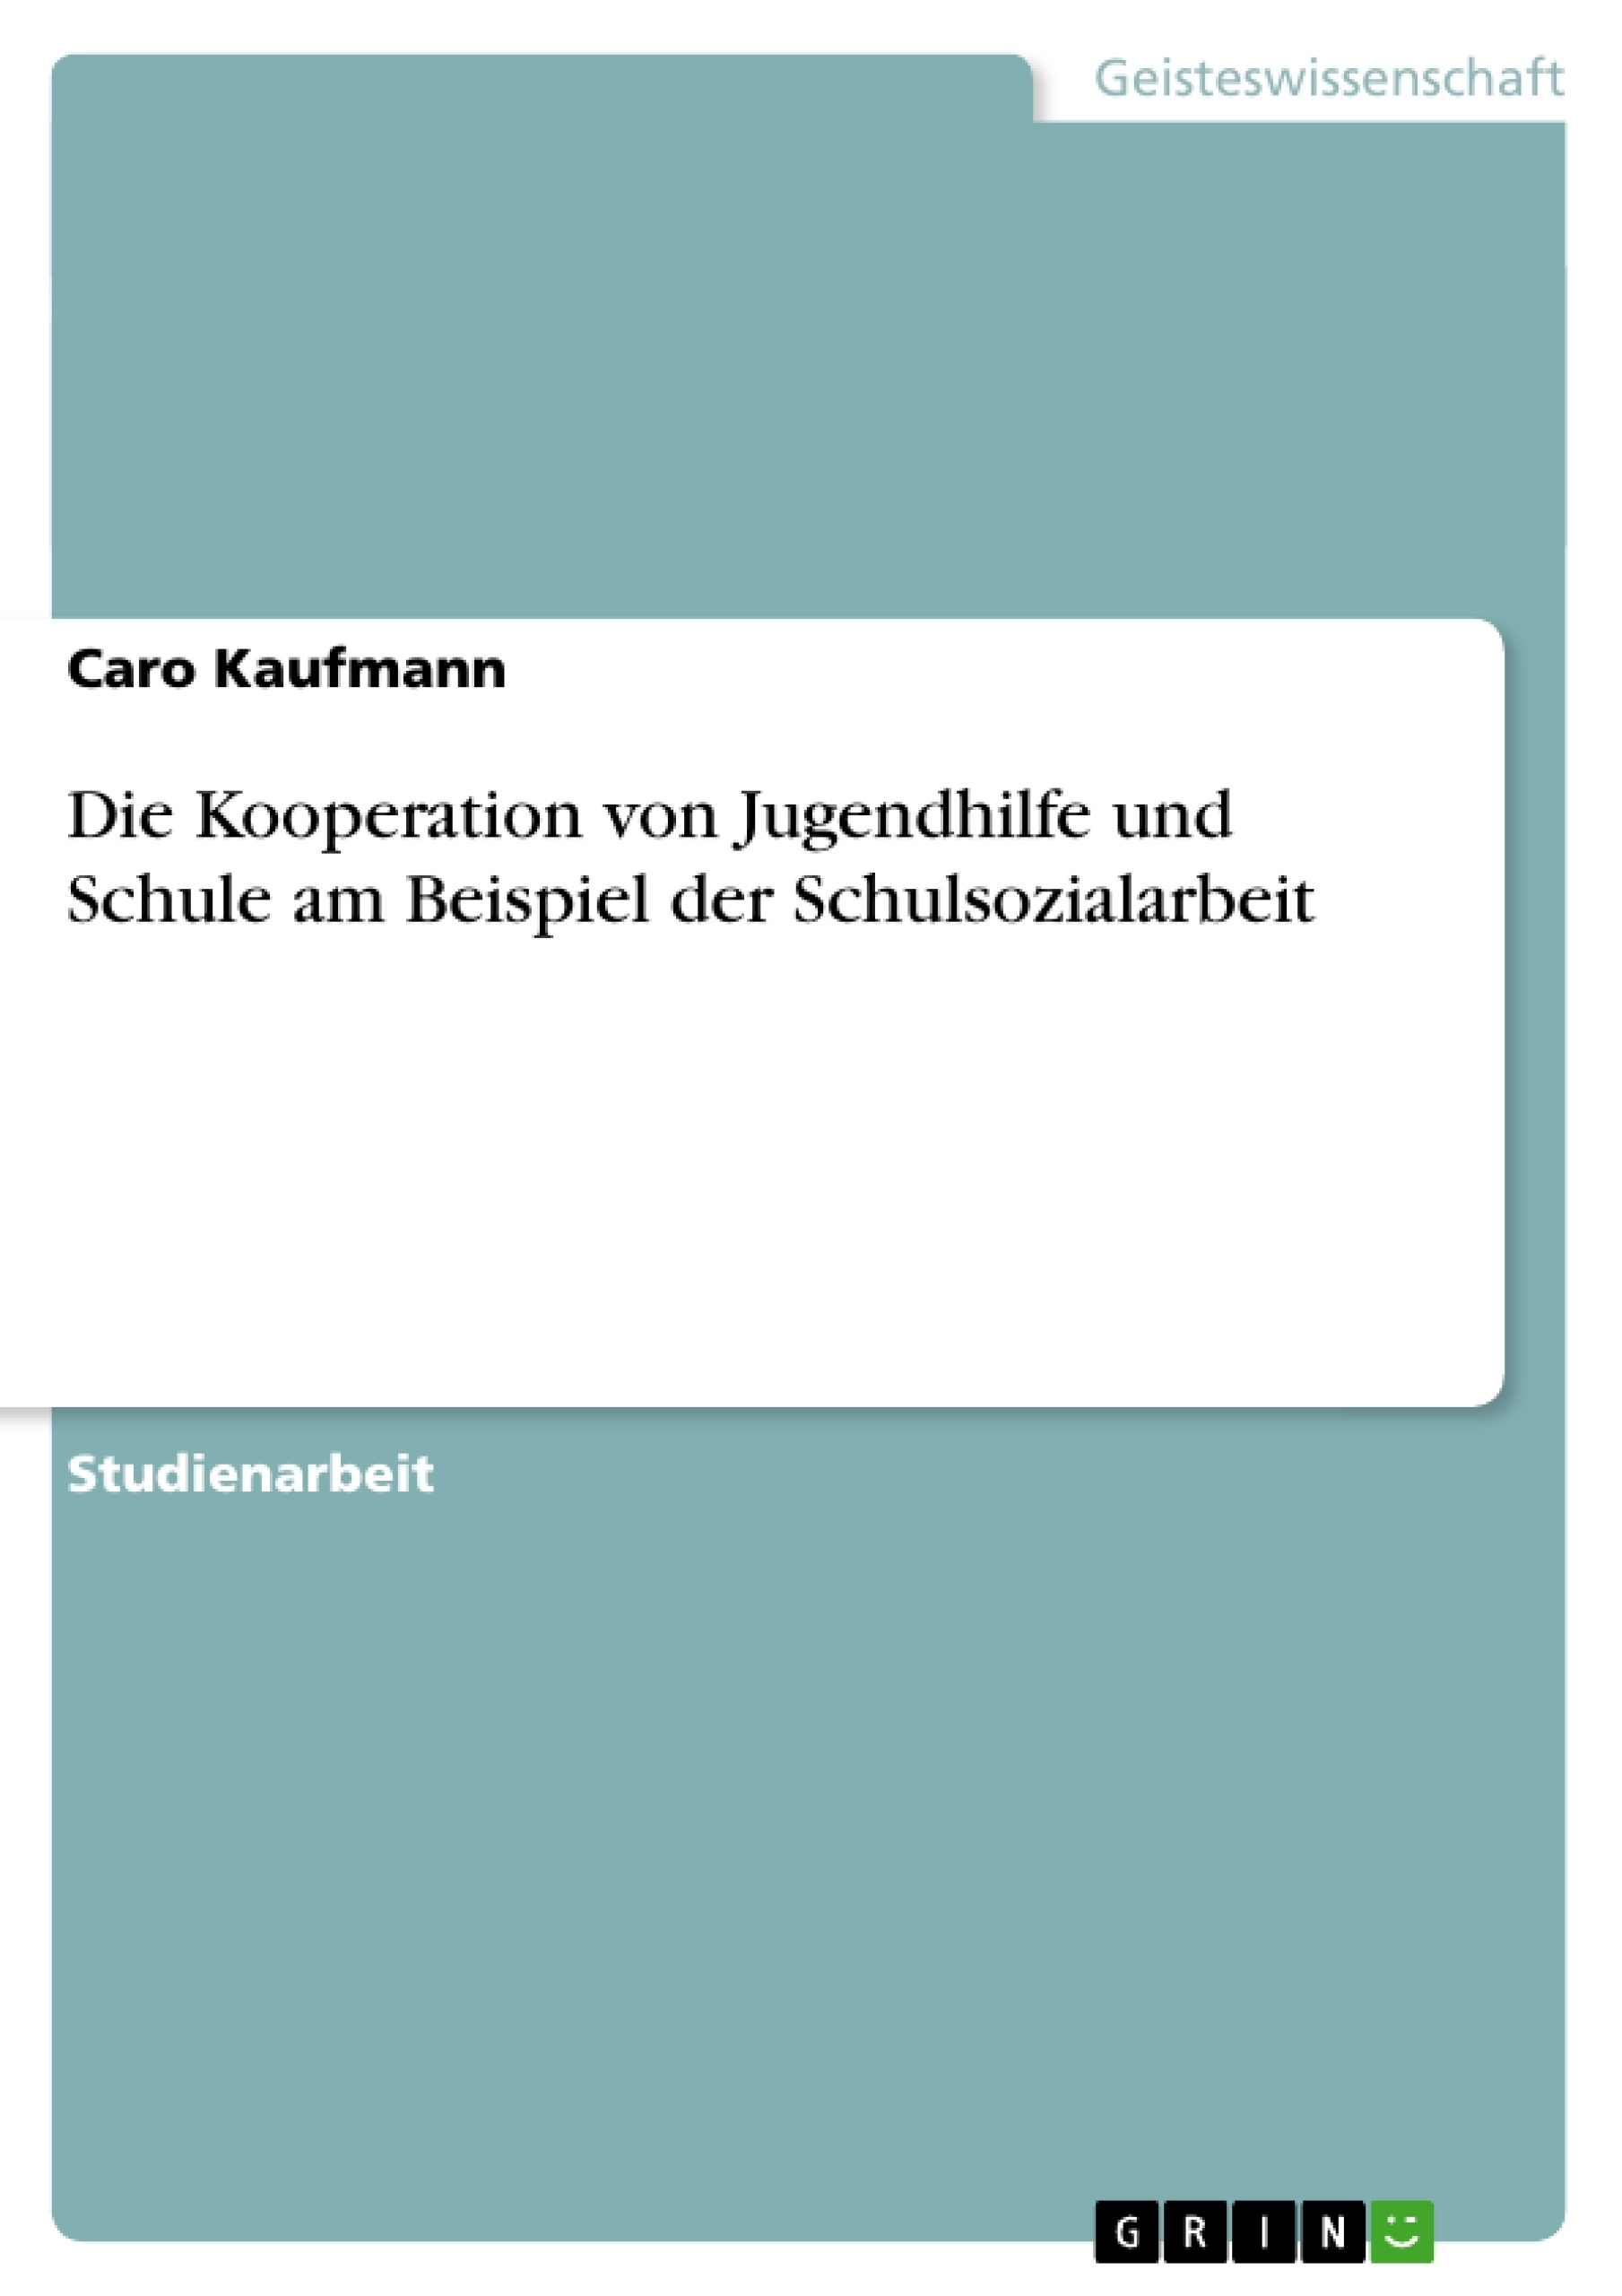 Titel: Die Kooperation von Jugendhilfe und Schule am Beispiel der Schulsozialarbeit